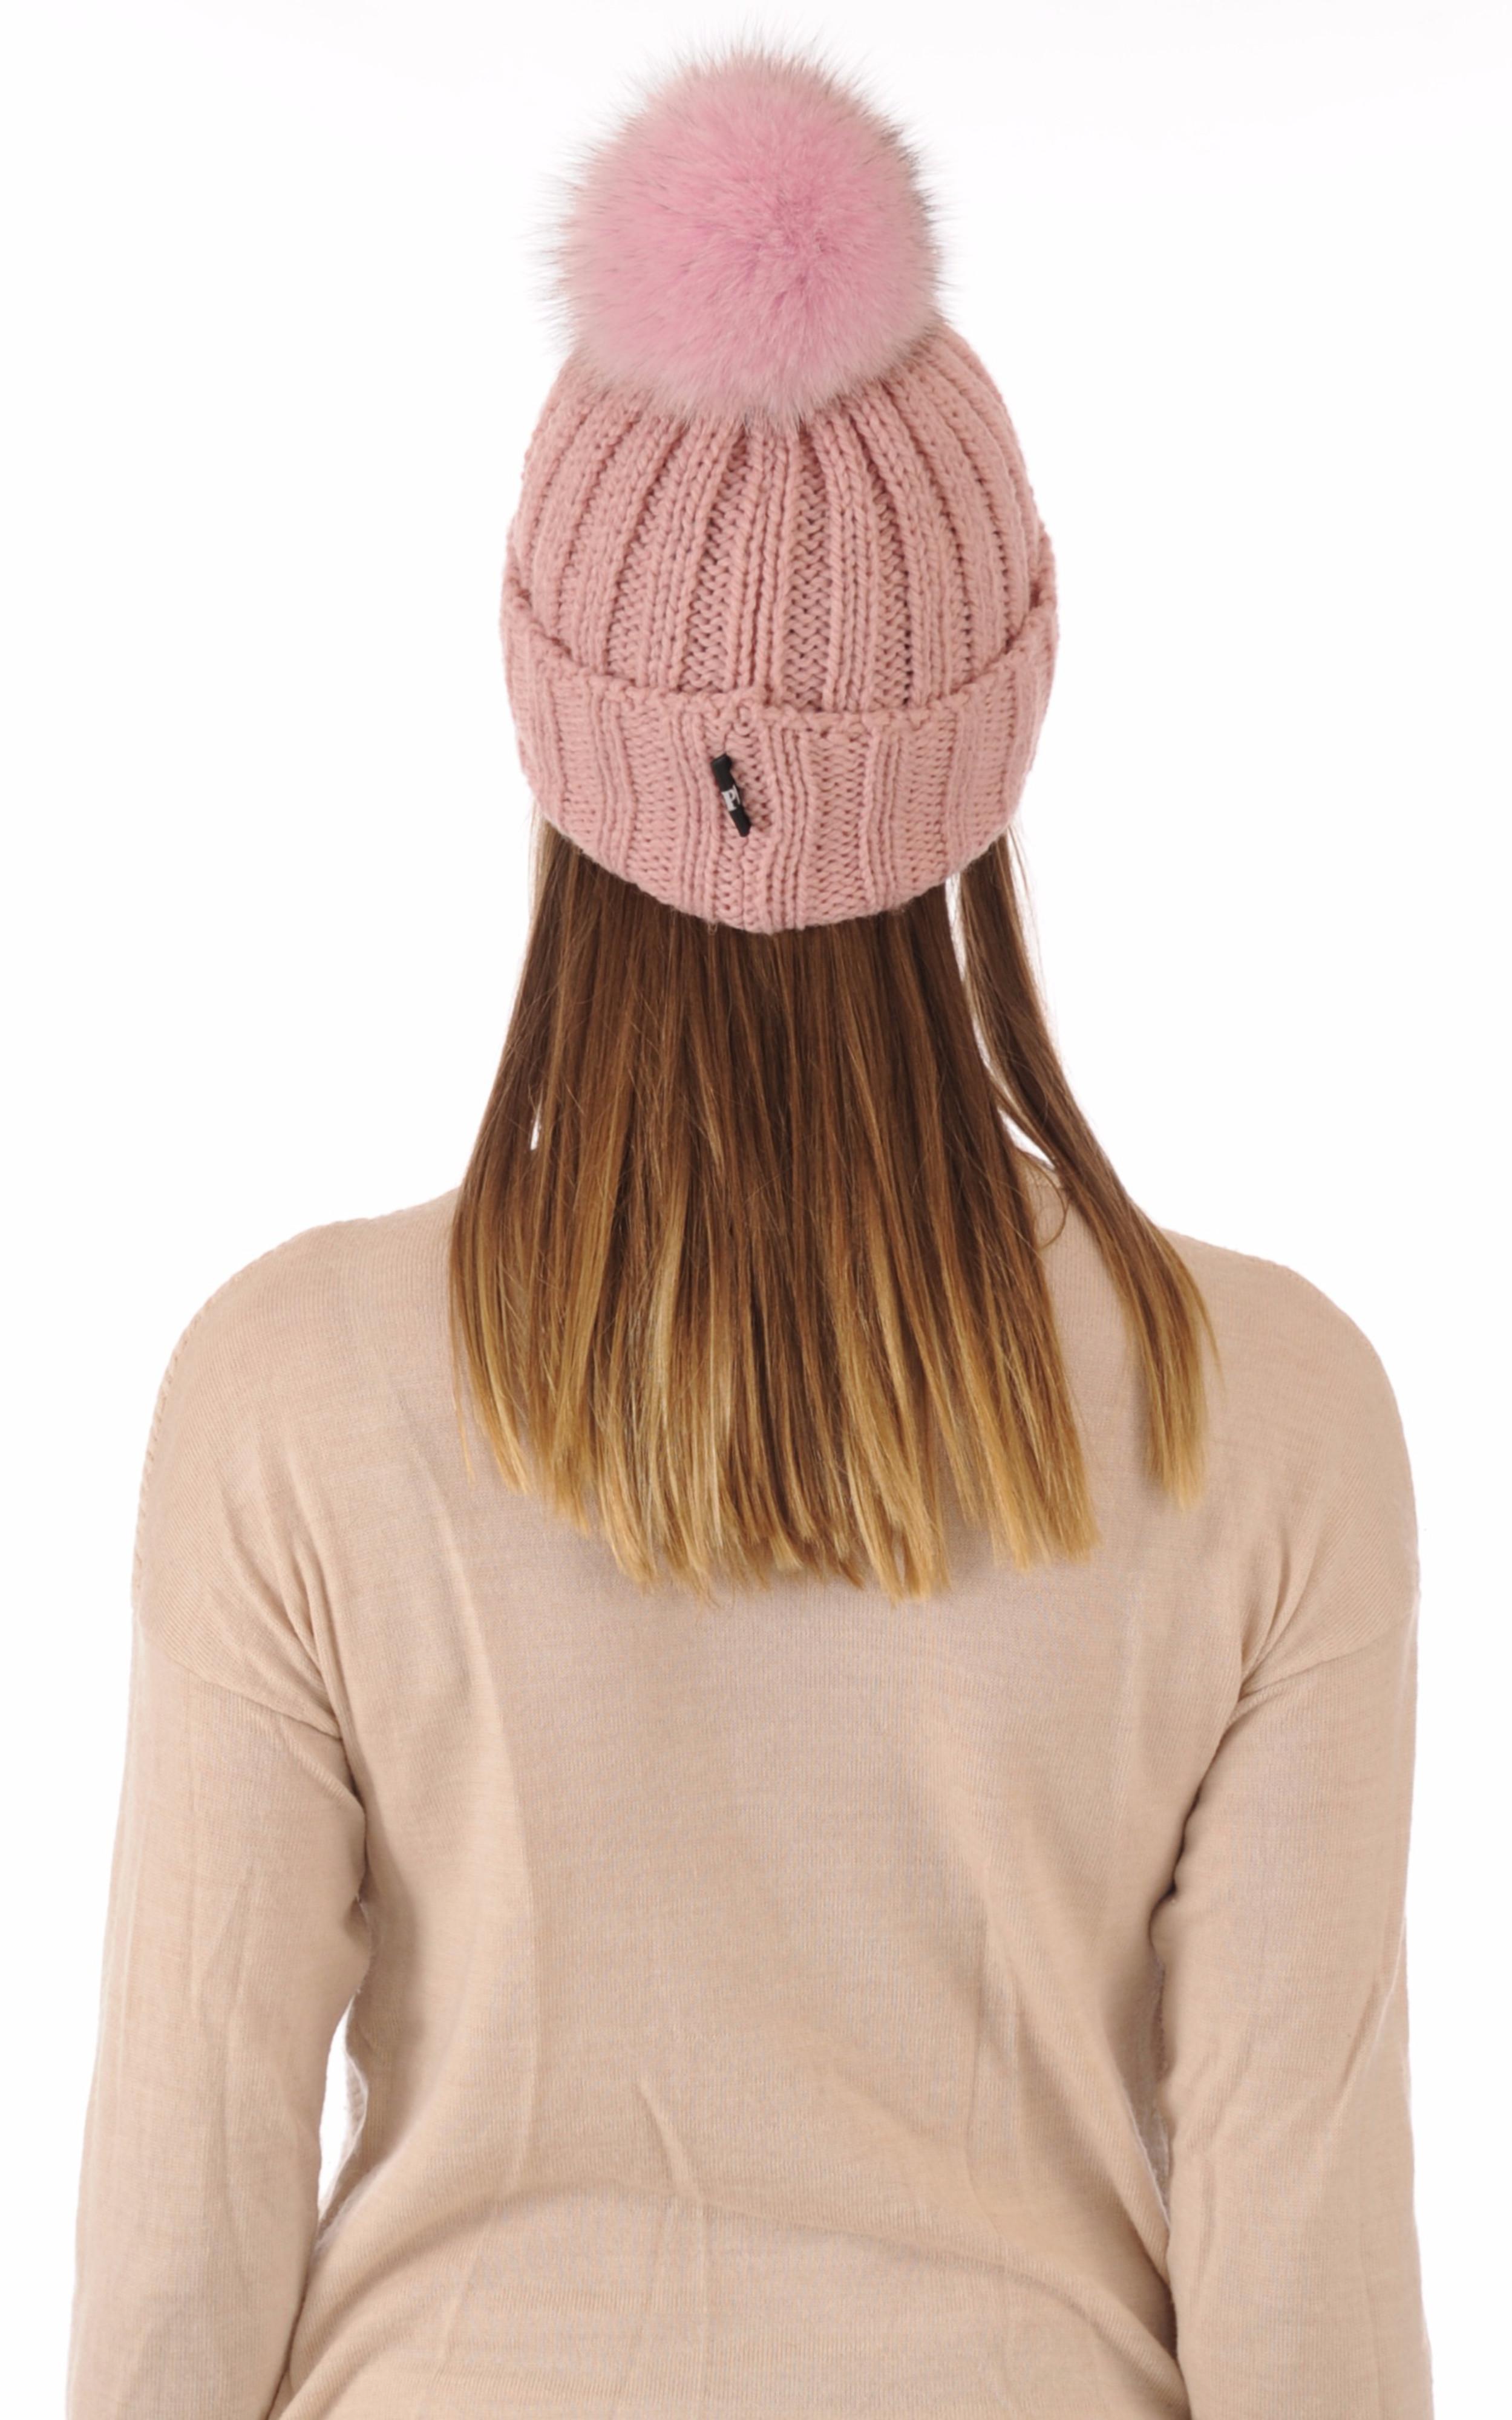 Bonnet laine et fourrure rose Hpi